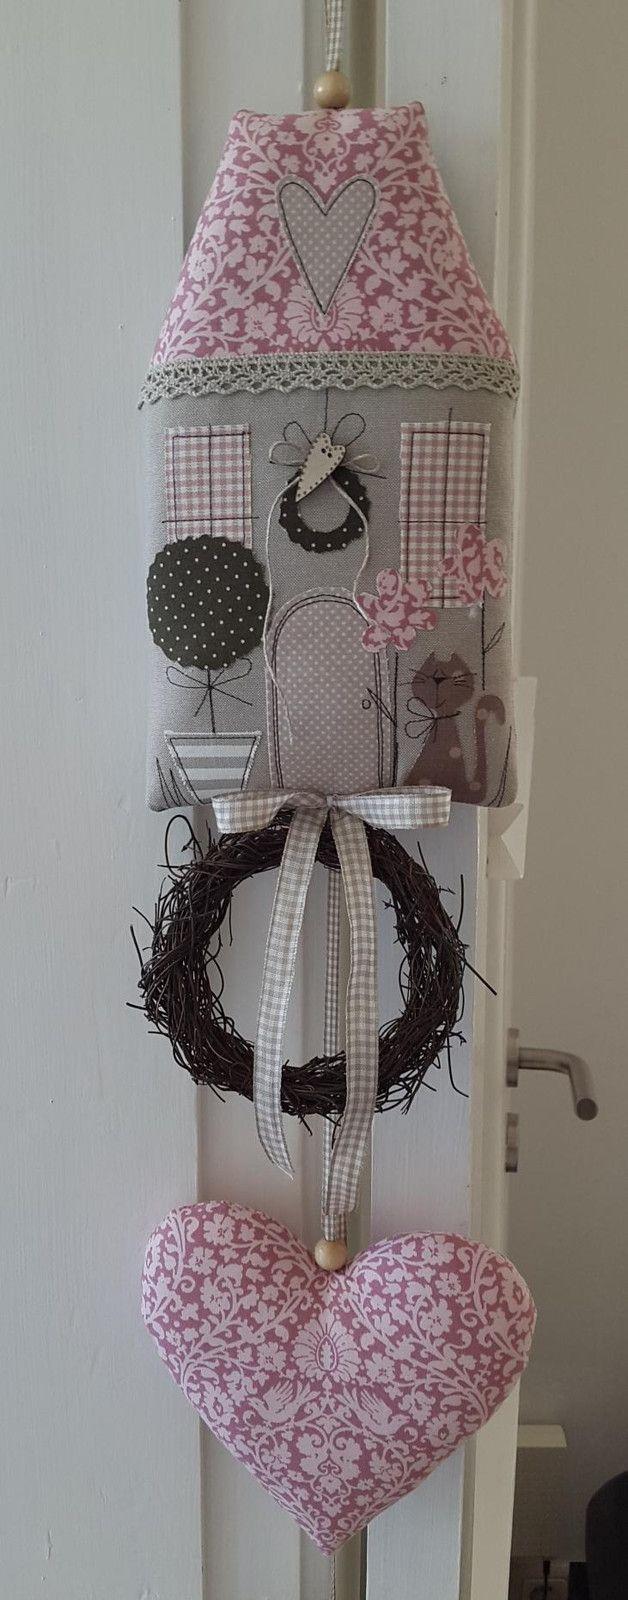 die besten 25 patchwork ideen auf pinterest patchwork muster patchwork taschen und patchwork. Black Bedroom Furniture Sets. Home Design Ideas